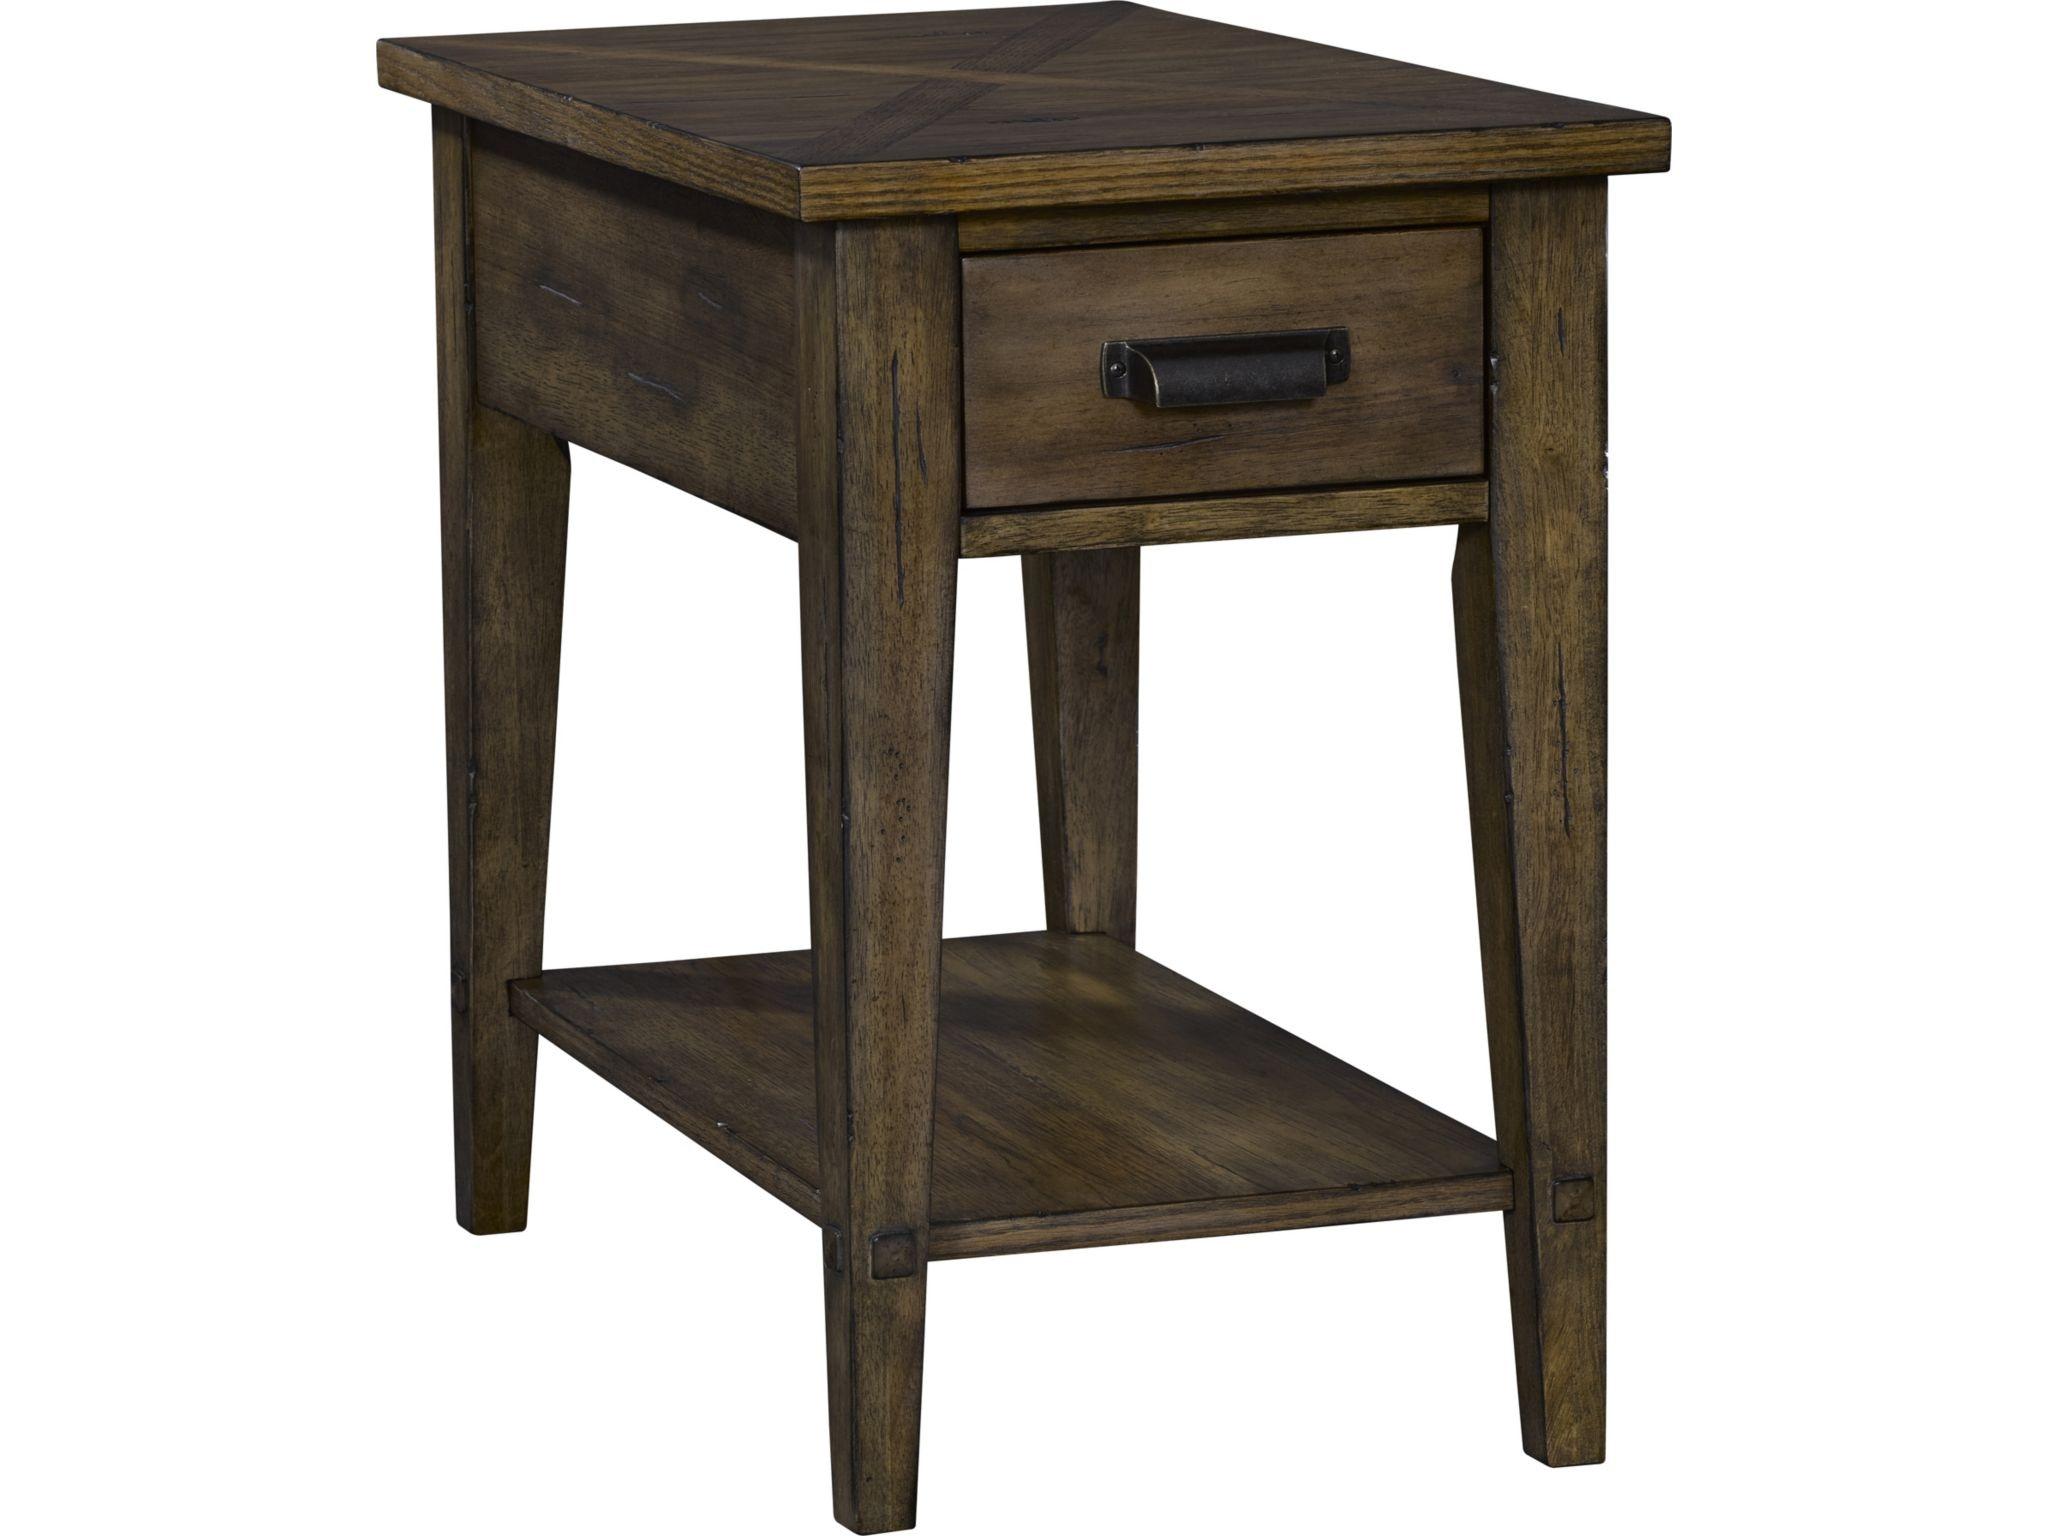 Broyhill Creedmoor™ Chairside Table 3113 004